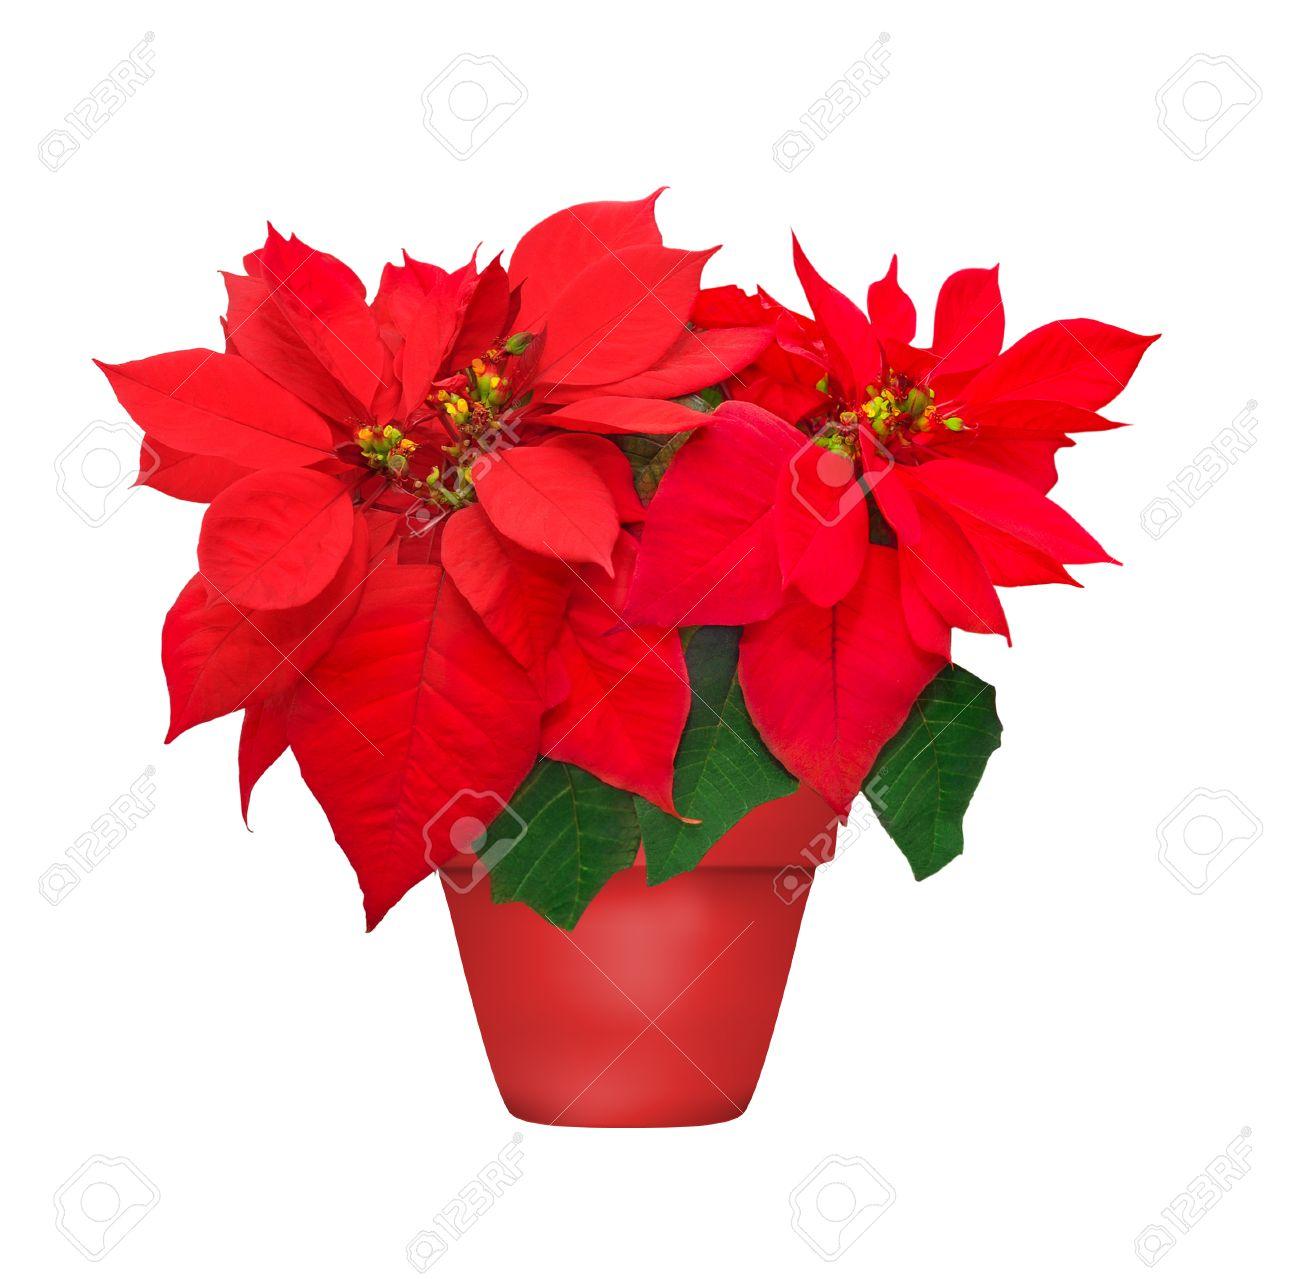 Magnifique Poinsettia En Pot De Fleurs Fleur De Noel Rouge Sur Fond